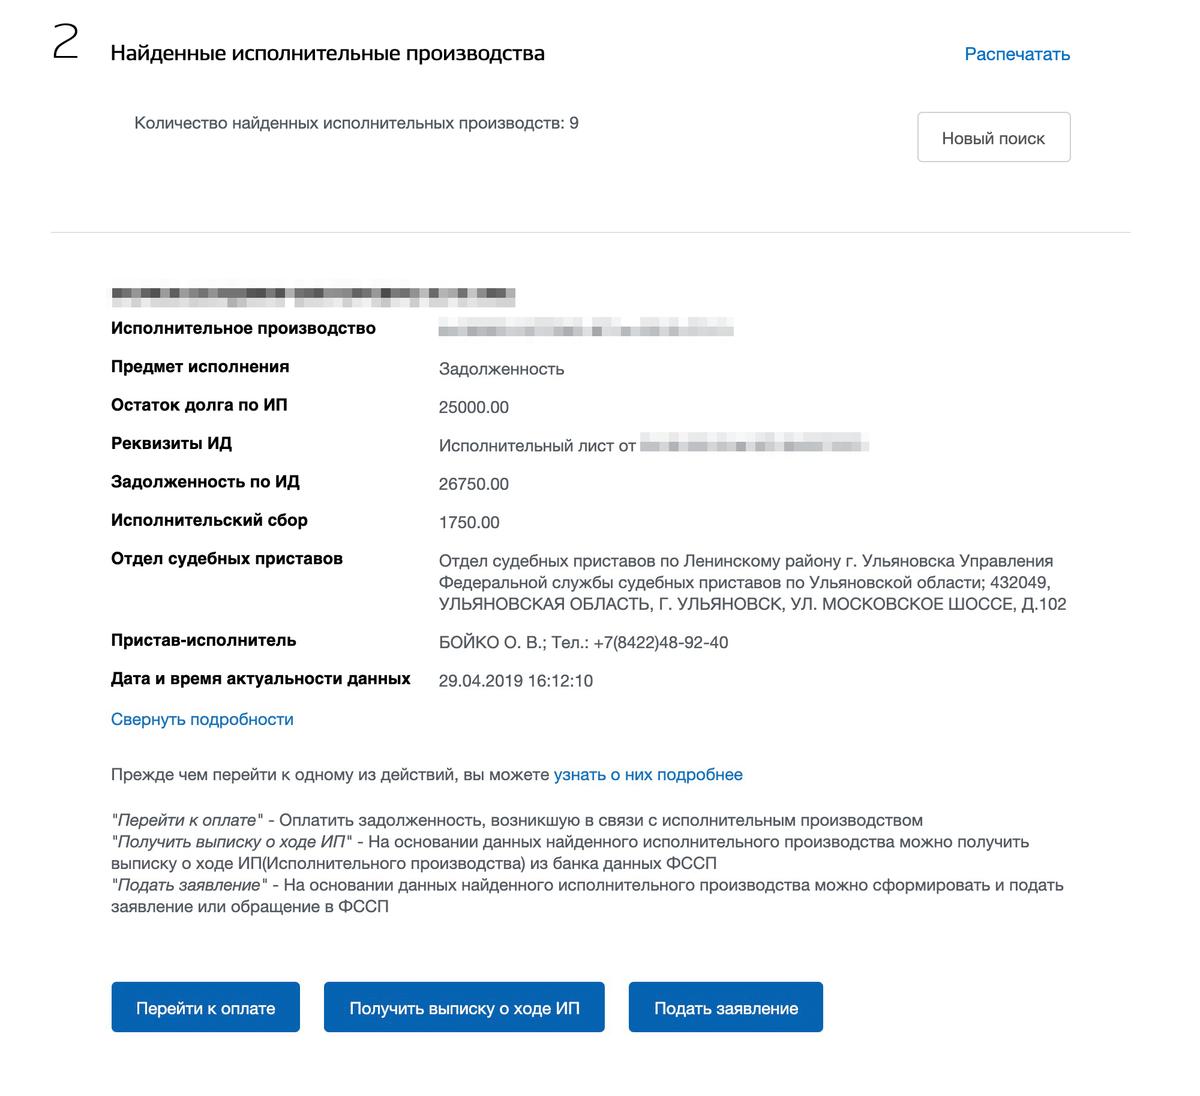 На сайте госуслуг можно проверить долги по базе ФССП РФ и сразу оплатить их. Есть контакты пристава-исполнителя, чтобы что-то уточнить — звоните ему